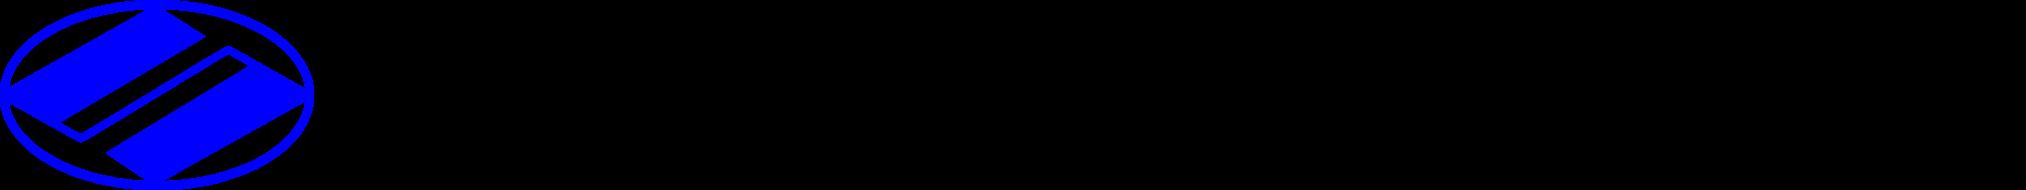 清水鋼鐵株式会社